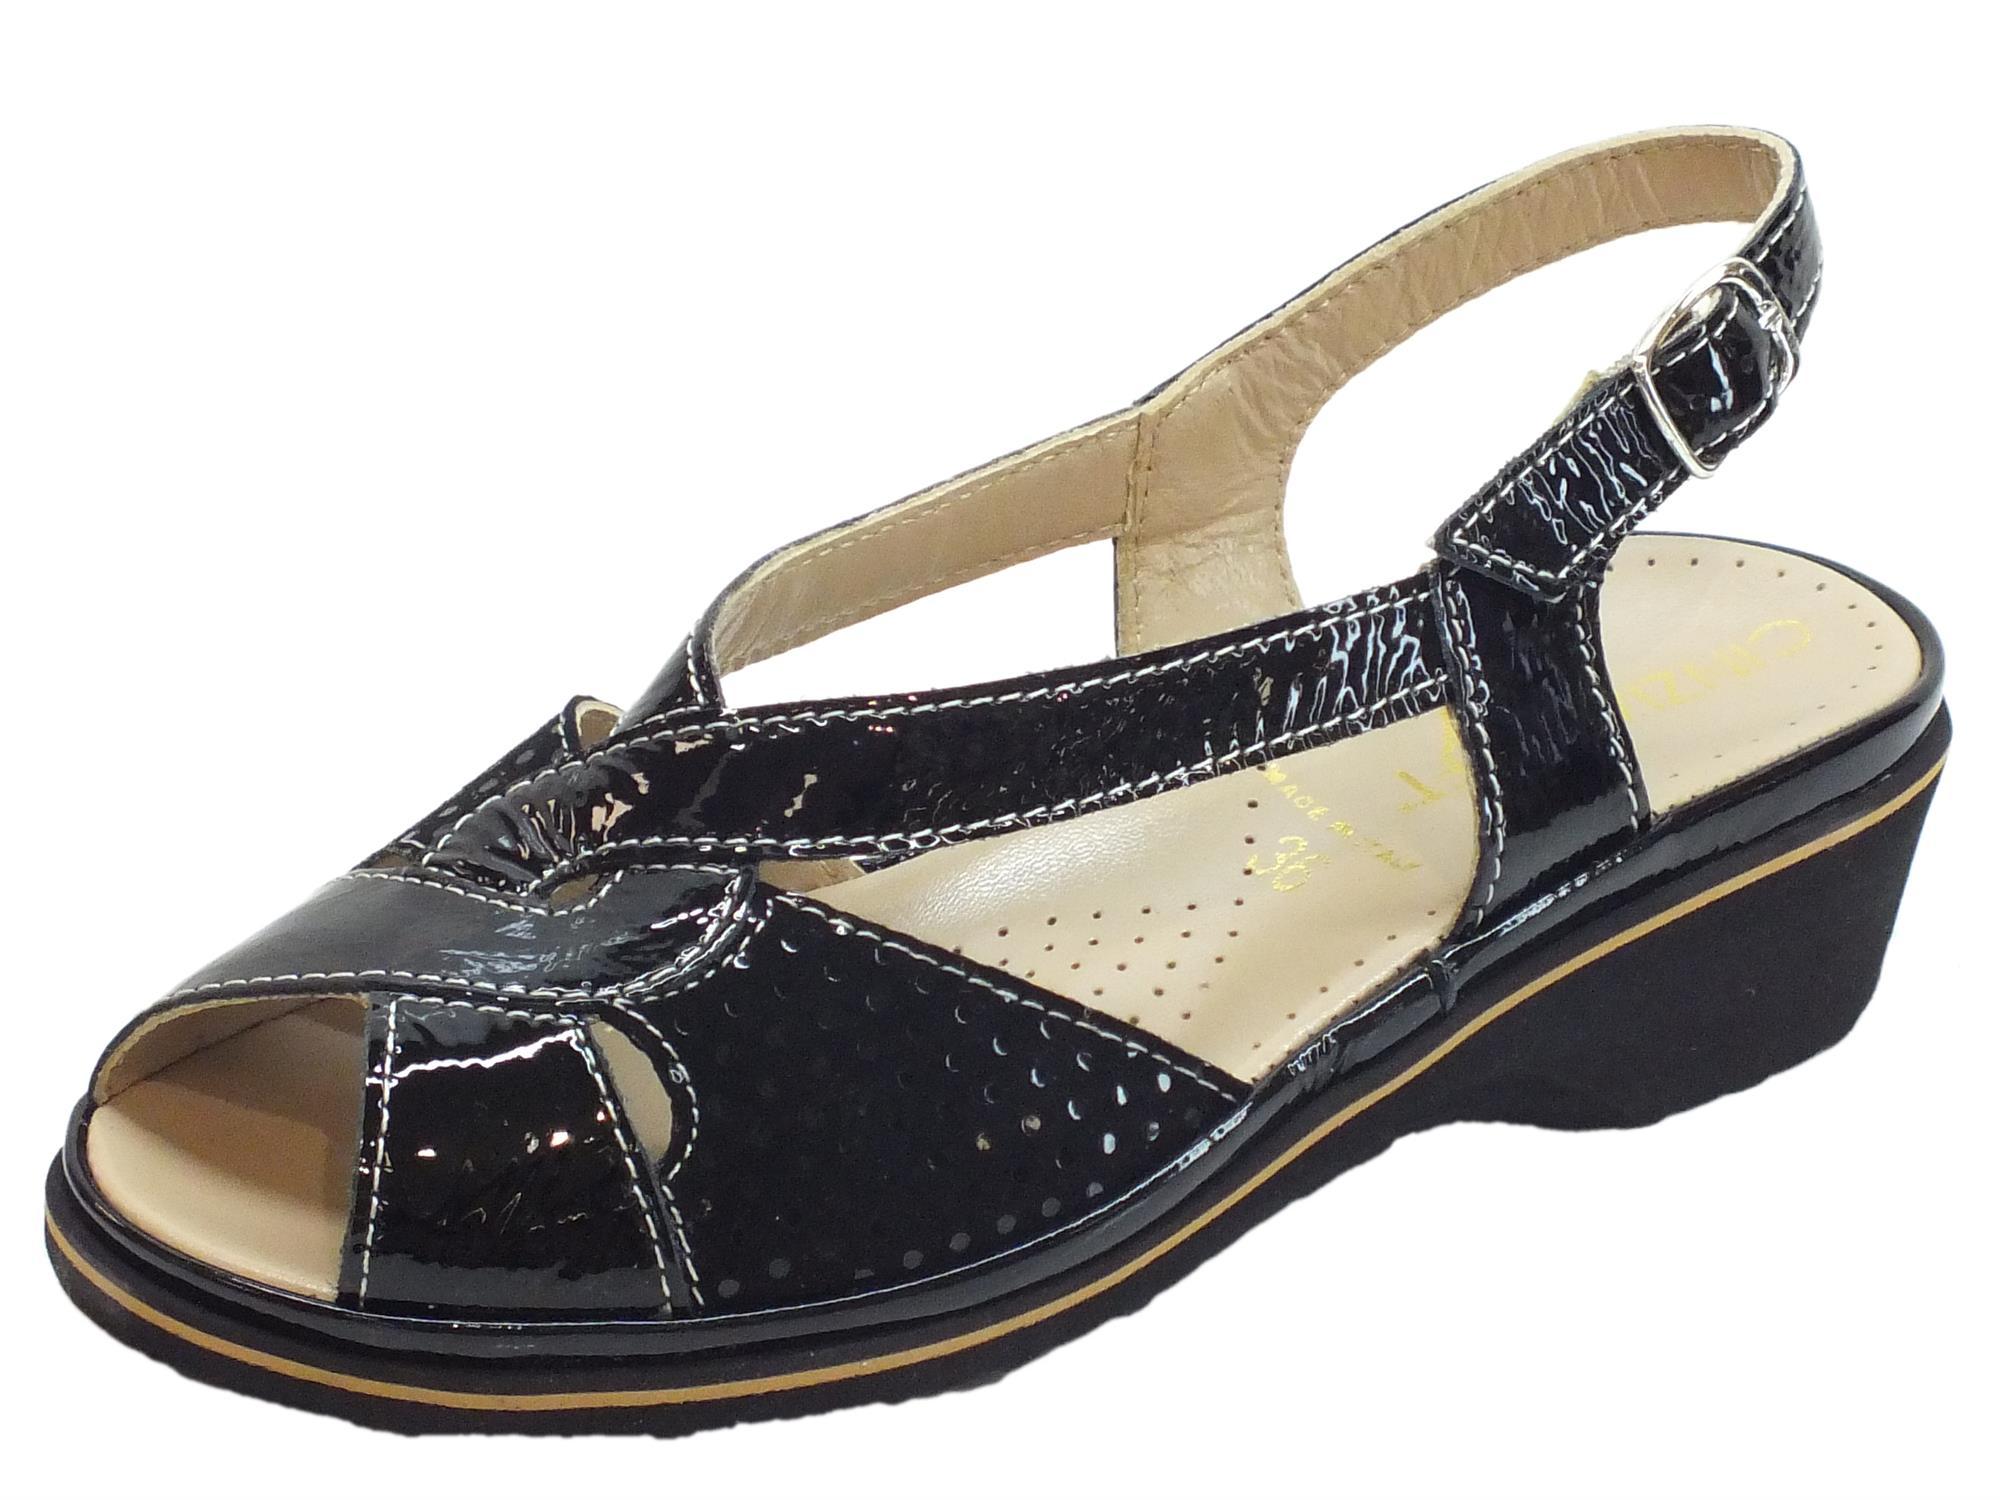 Sandali Cinzia Soft in camoscio e vernice a pois nero zeppa bassa 54262caa5a5